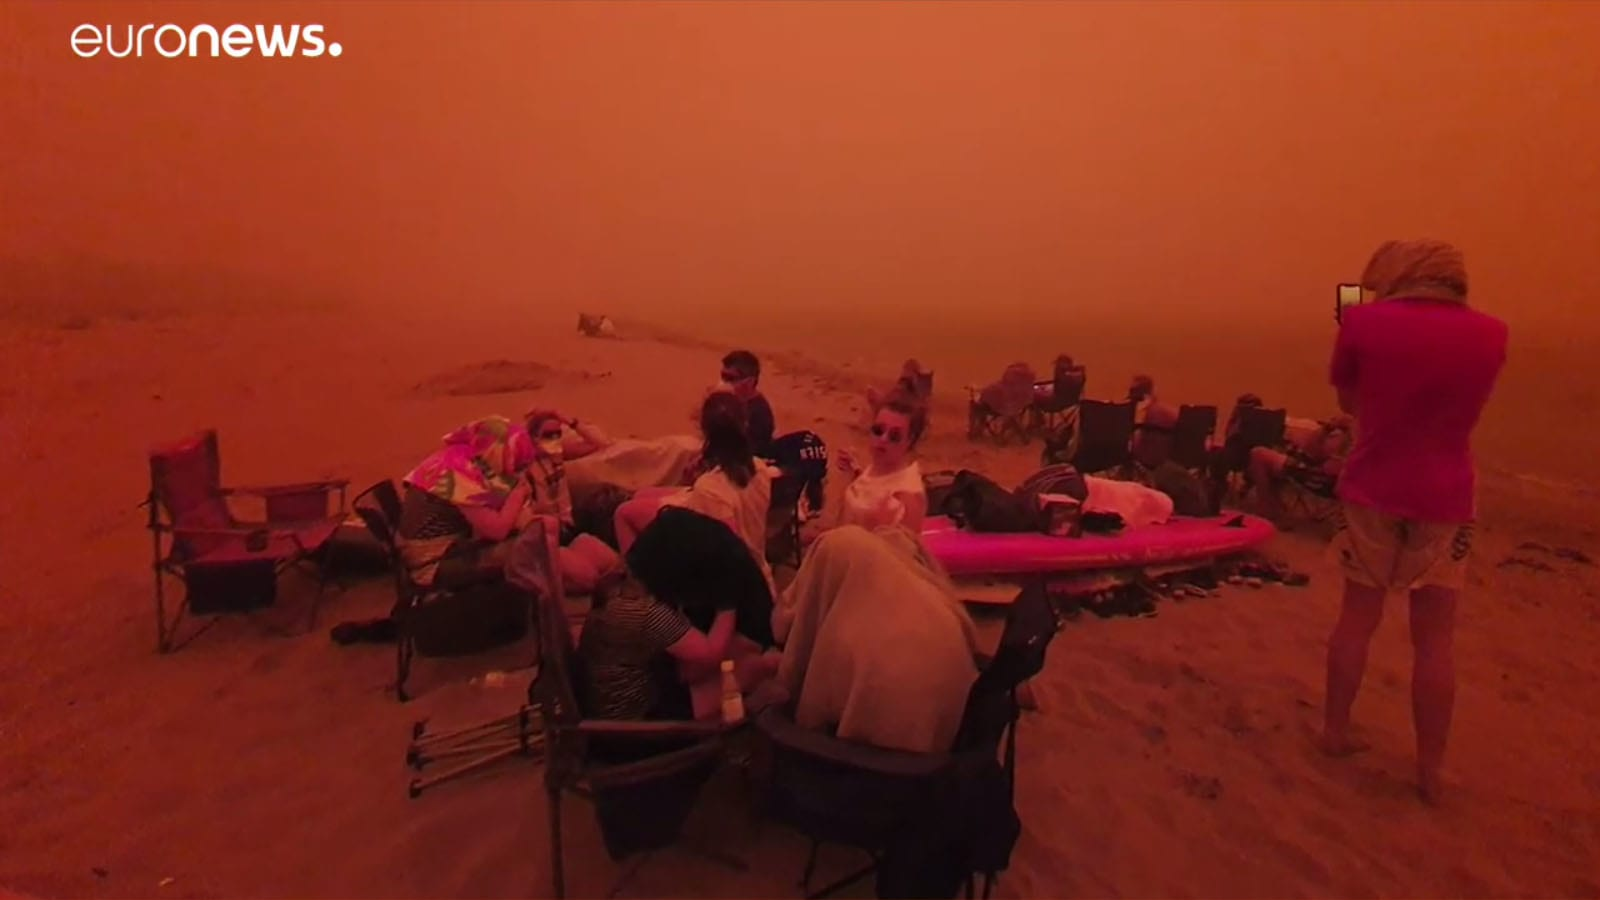 Vízpartokra menekülnek az emberek az Ausztrál tűz elől! – (Frissítve)